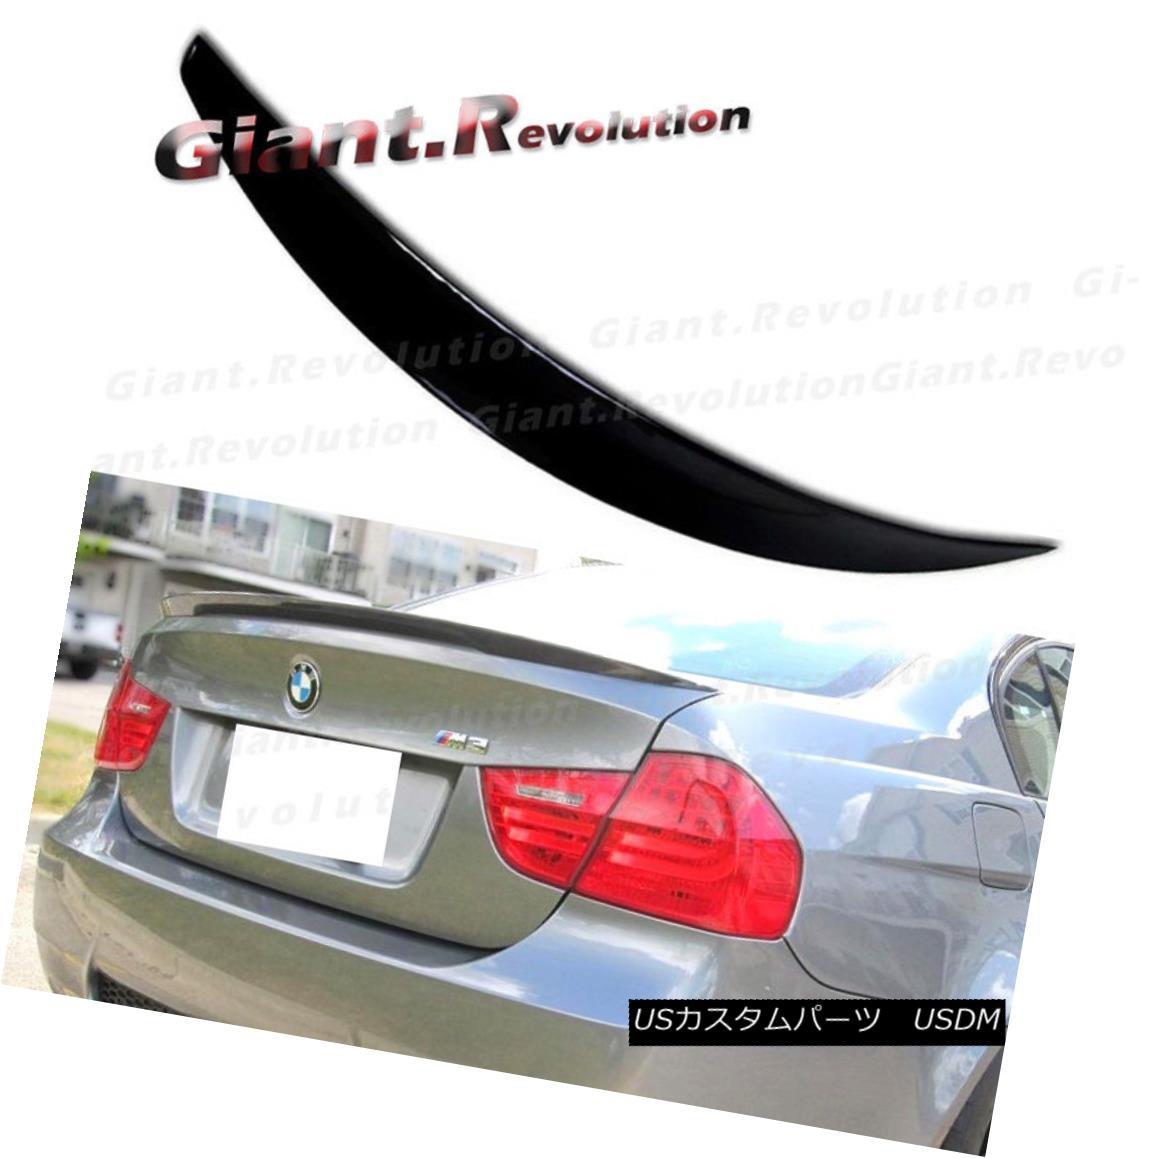 エアロパーツ For BMW E90 3 Series 328i 330i Sedan 4 Doors Painted P Style Rear Trunk Spoiler BMW E90 3シリーズ328i 330iセダン4ドアペイントPスタイルリアトランク・スポイラー